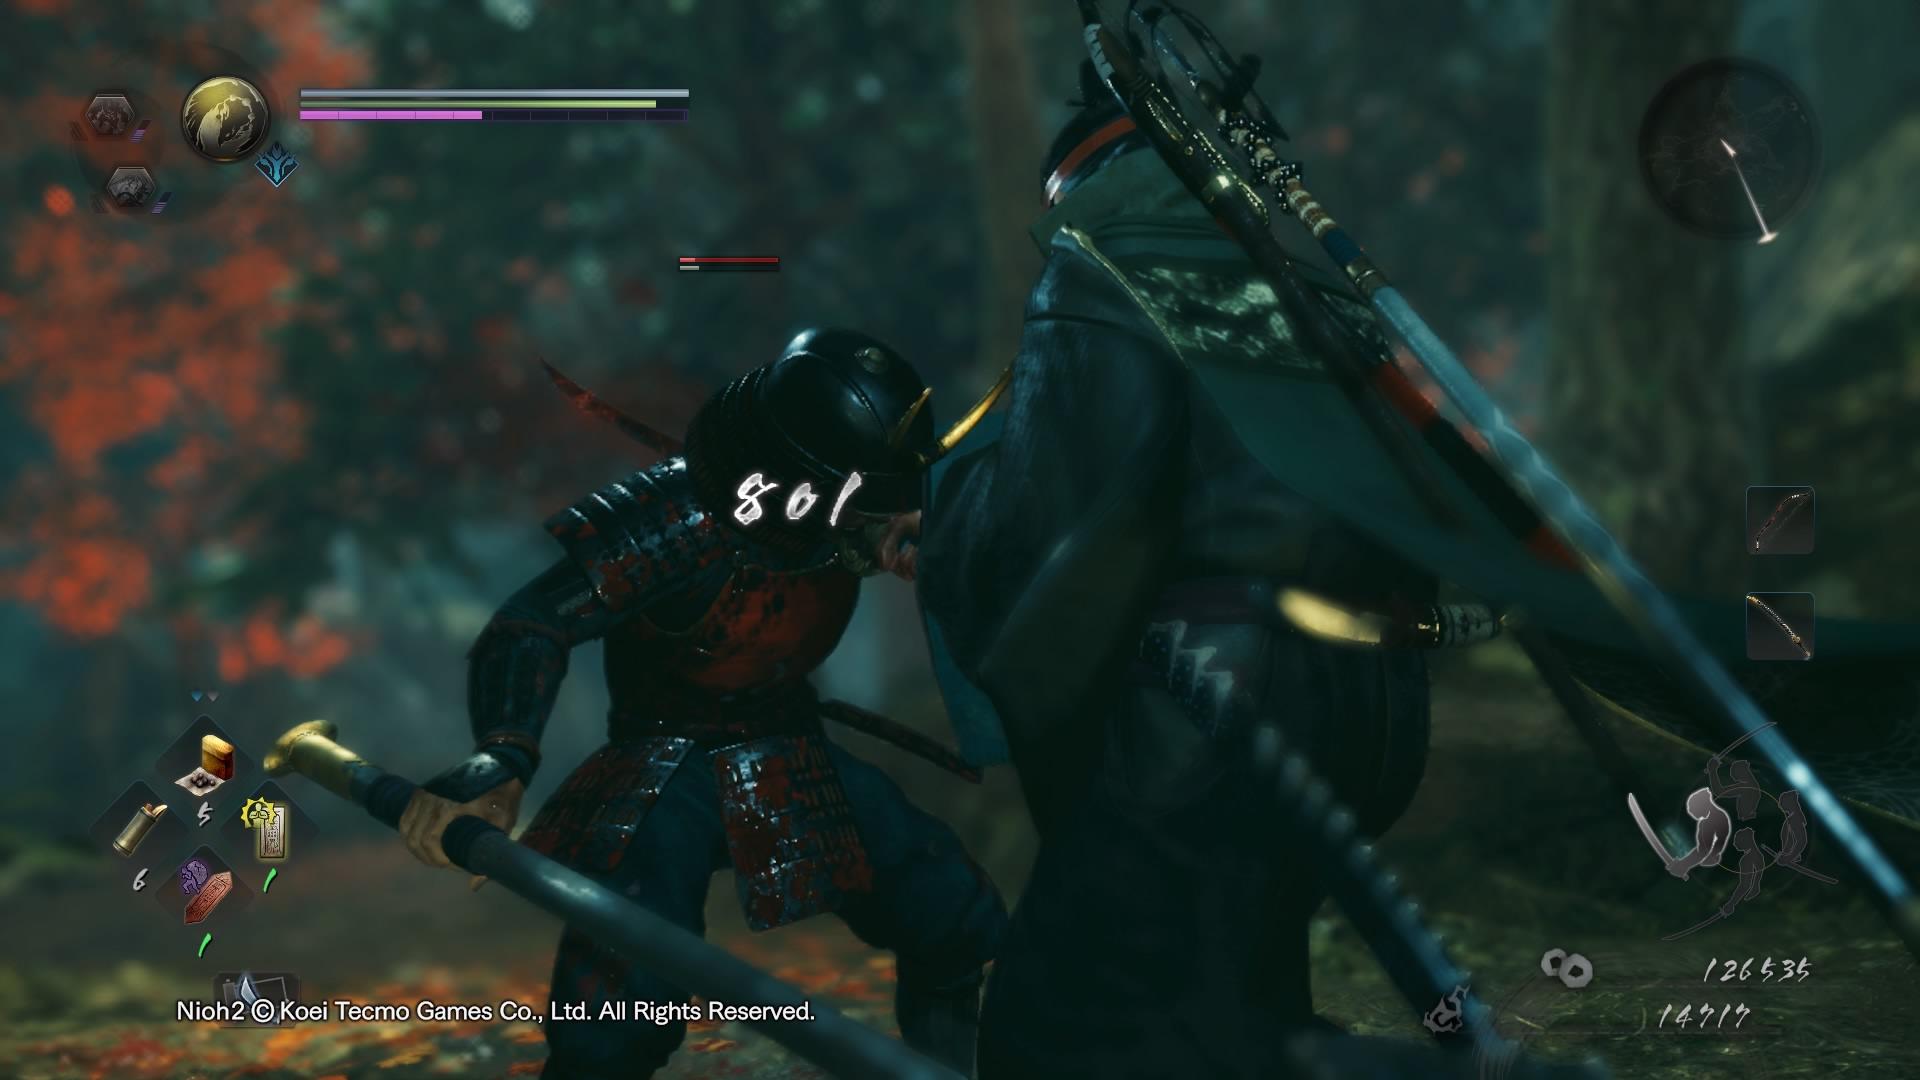 Recenzja gry NiOh 2 - więcej, lepiej, bardziej ninja 25